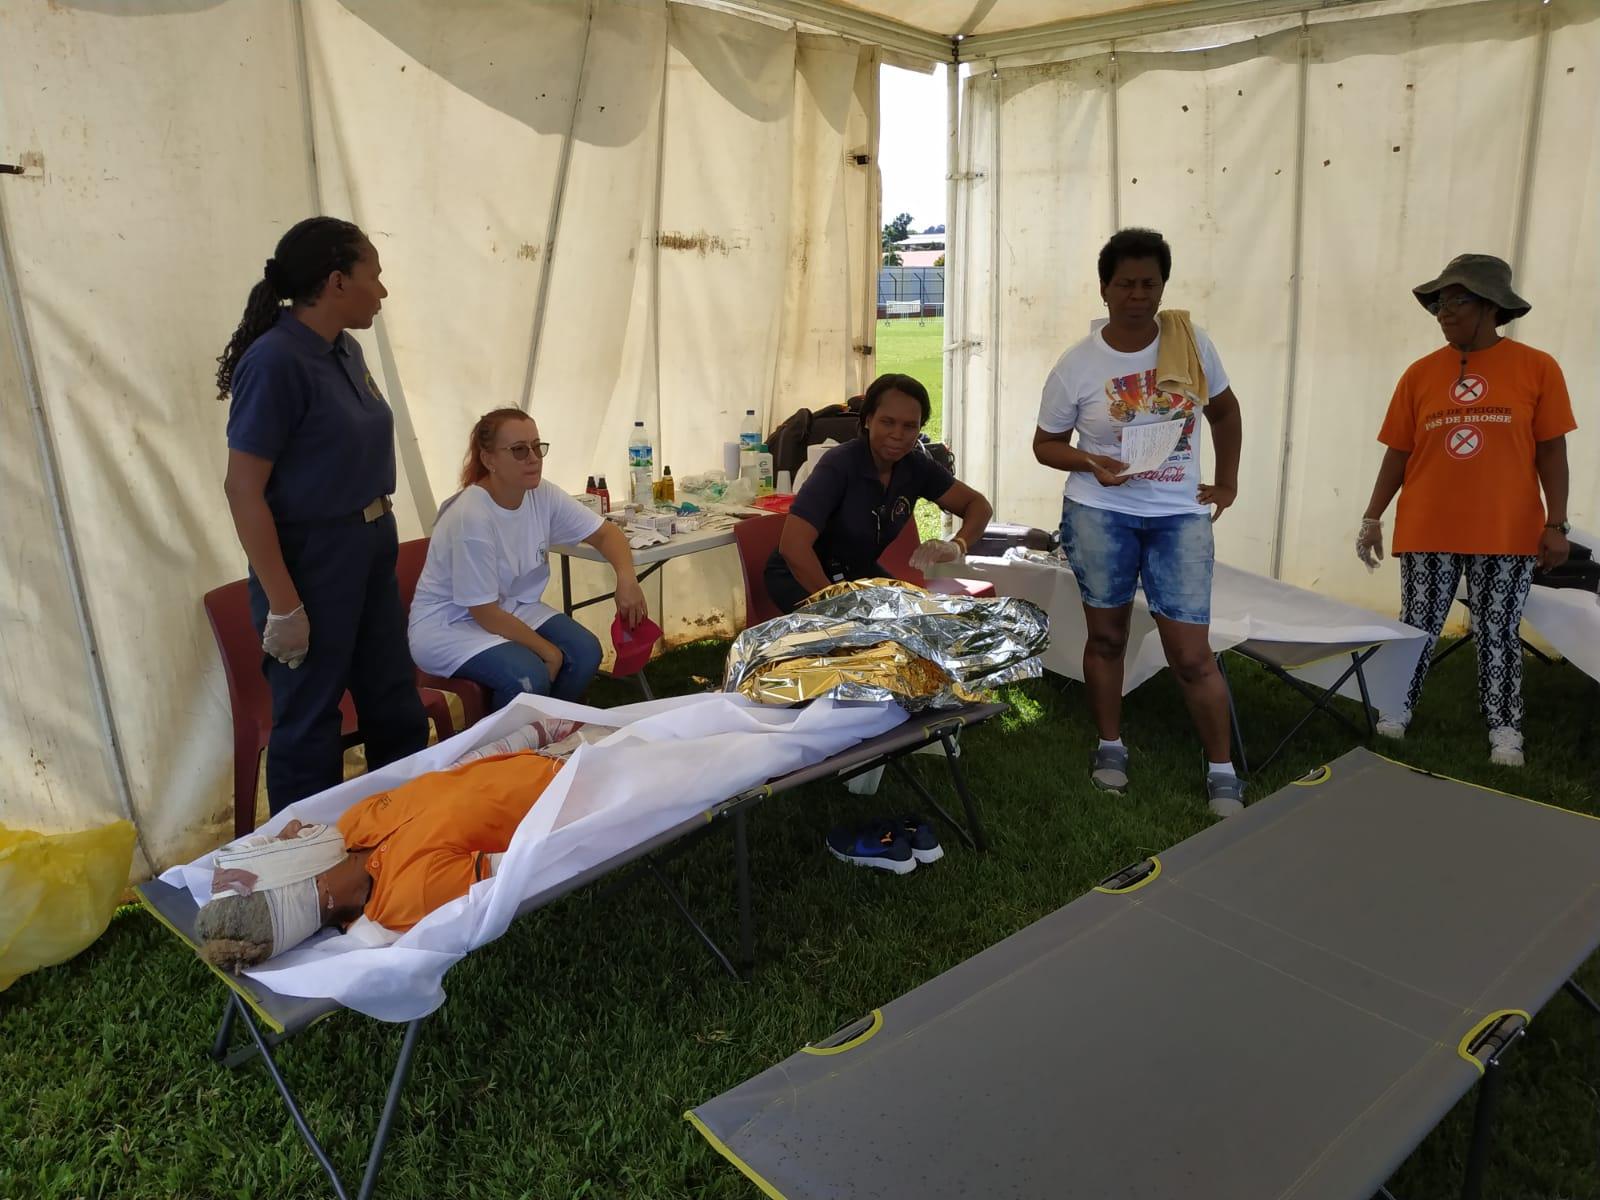 À Ducos, un exercice simule la mise en place d'un hôpital de campagne